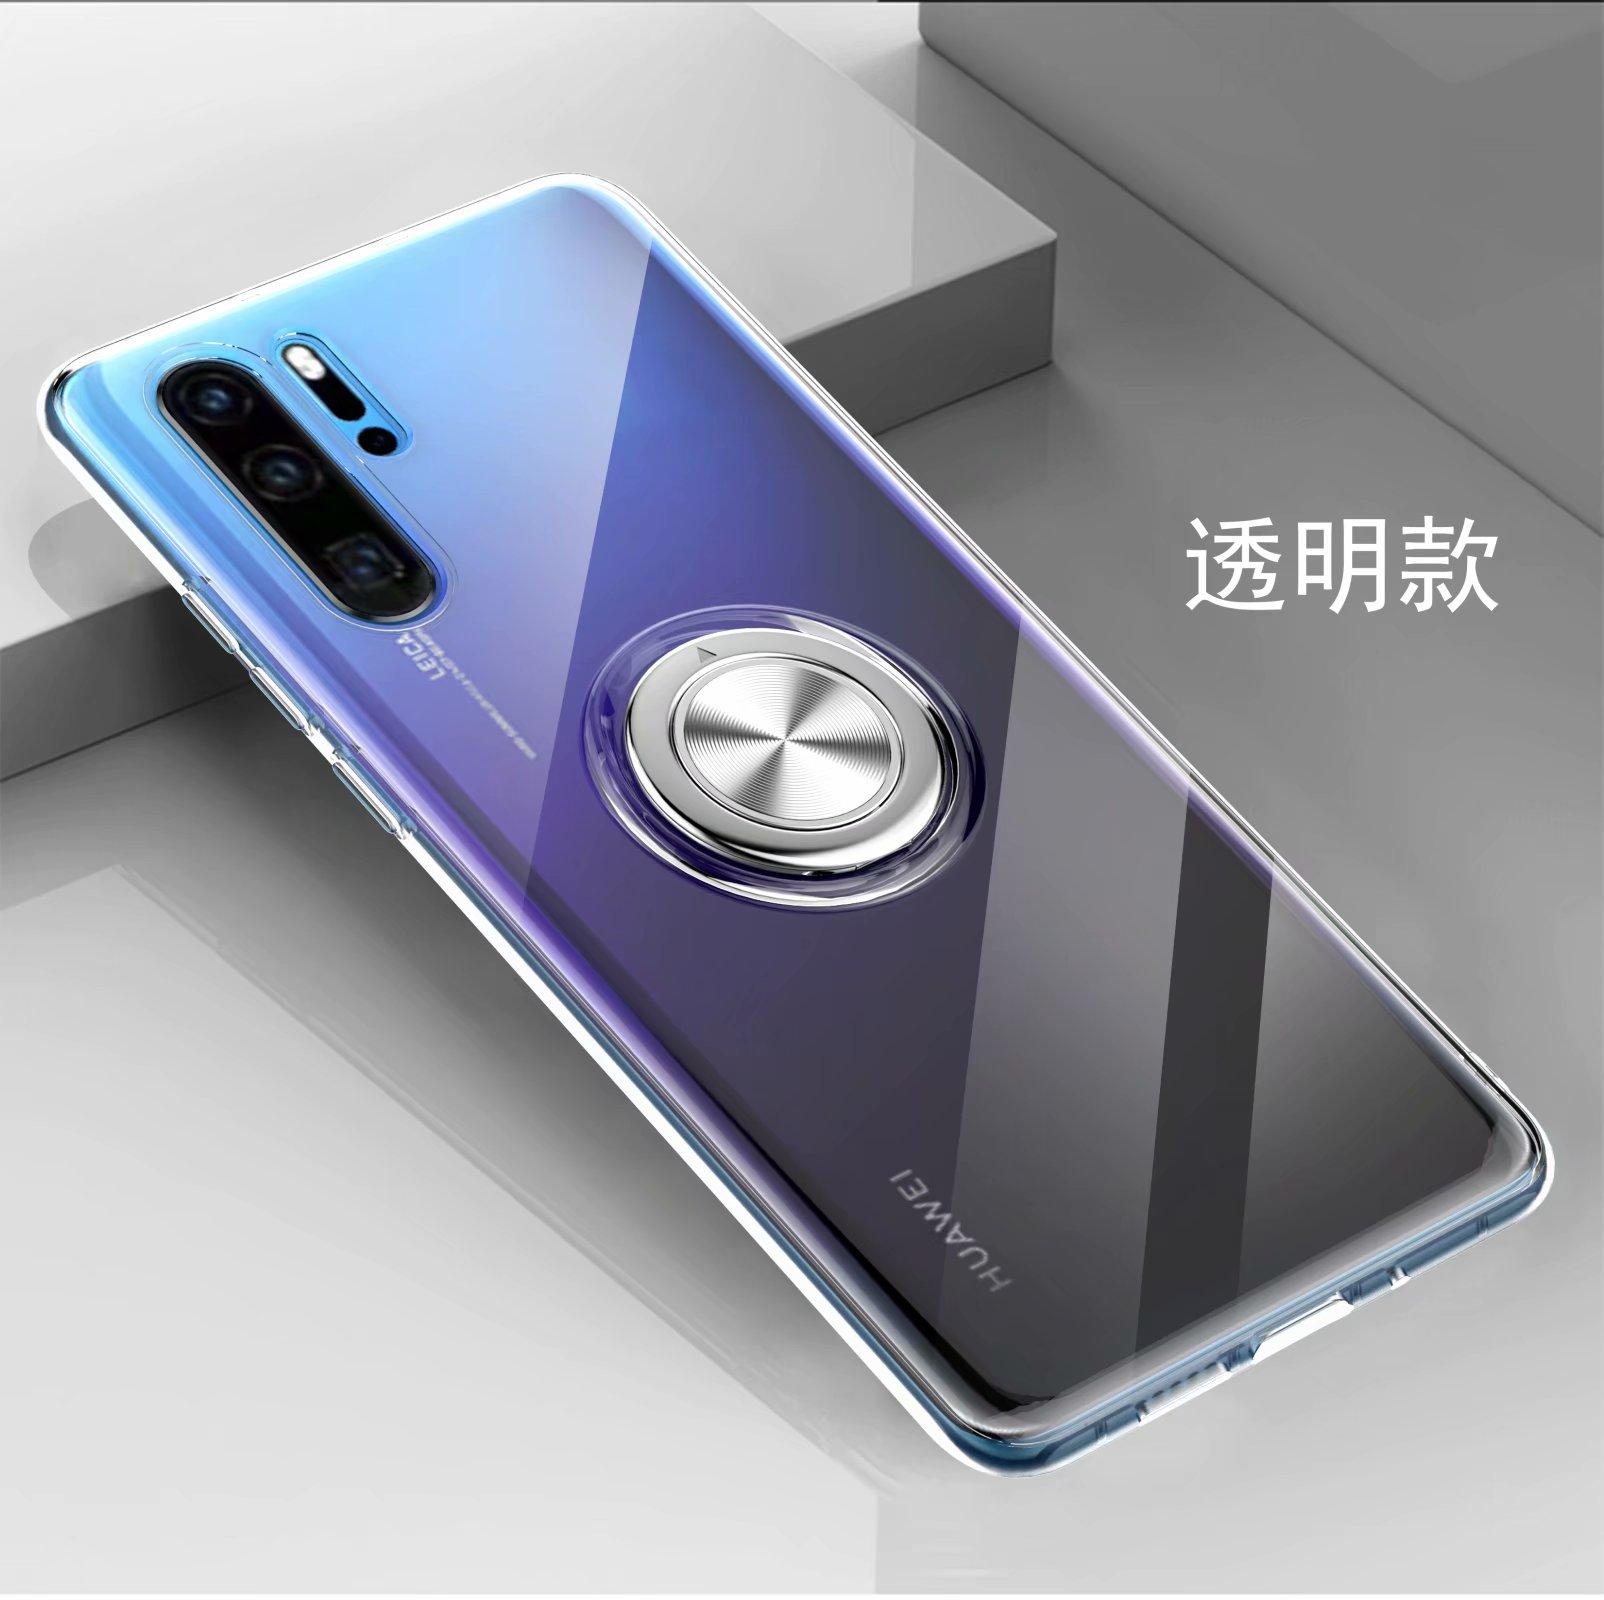 [해외]For Huawei P30 Pro CaseRing Stand Magnet Soft Transparent Protective Back Cover case for huawei p30 lite p30pro p30 shell/For Huawei P30 Pro CaseR